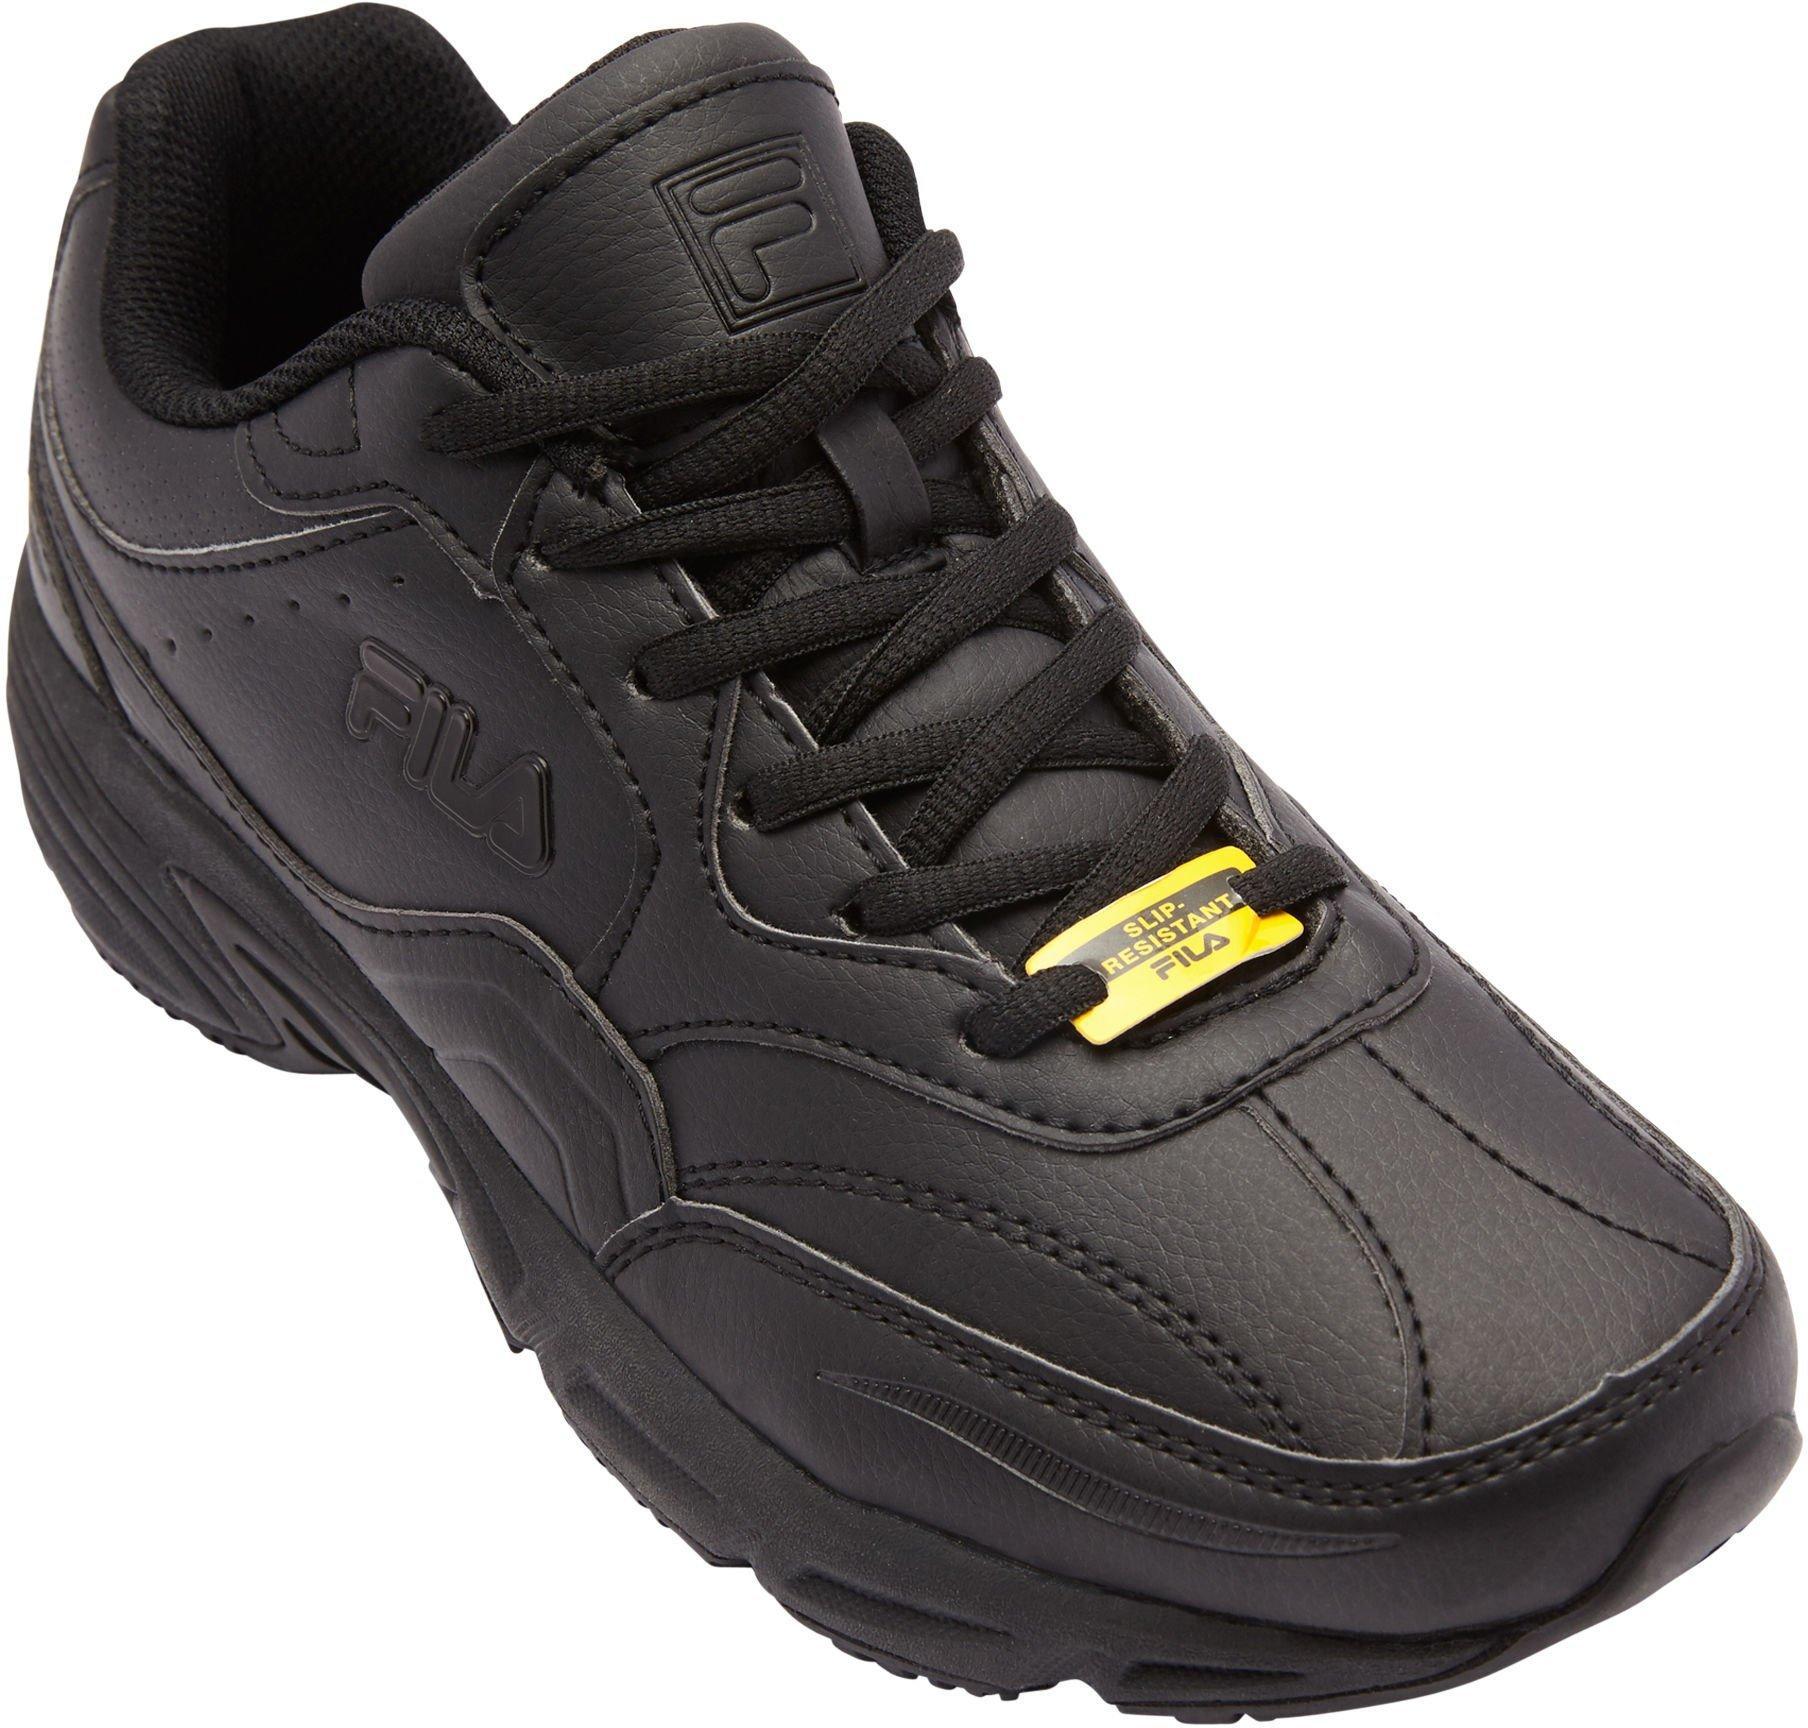 Buy Slip Resistant Work Shoes